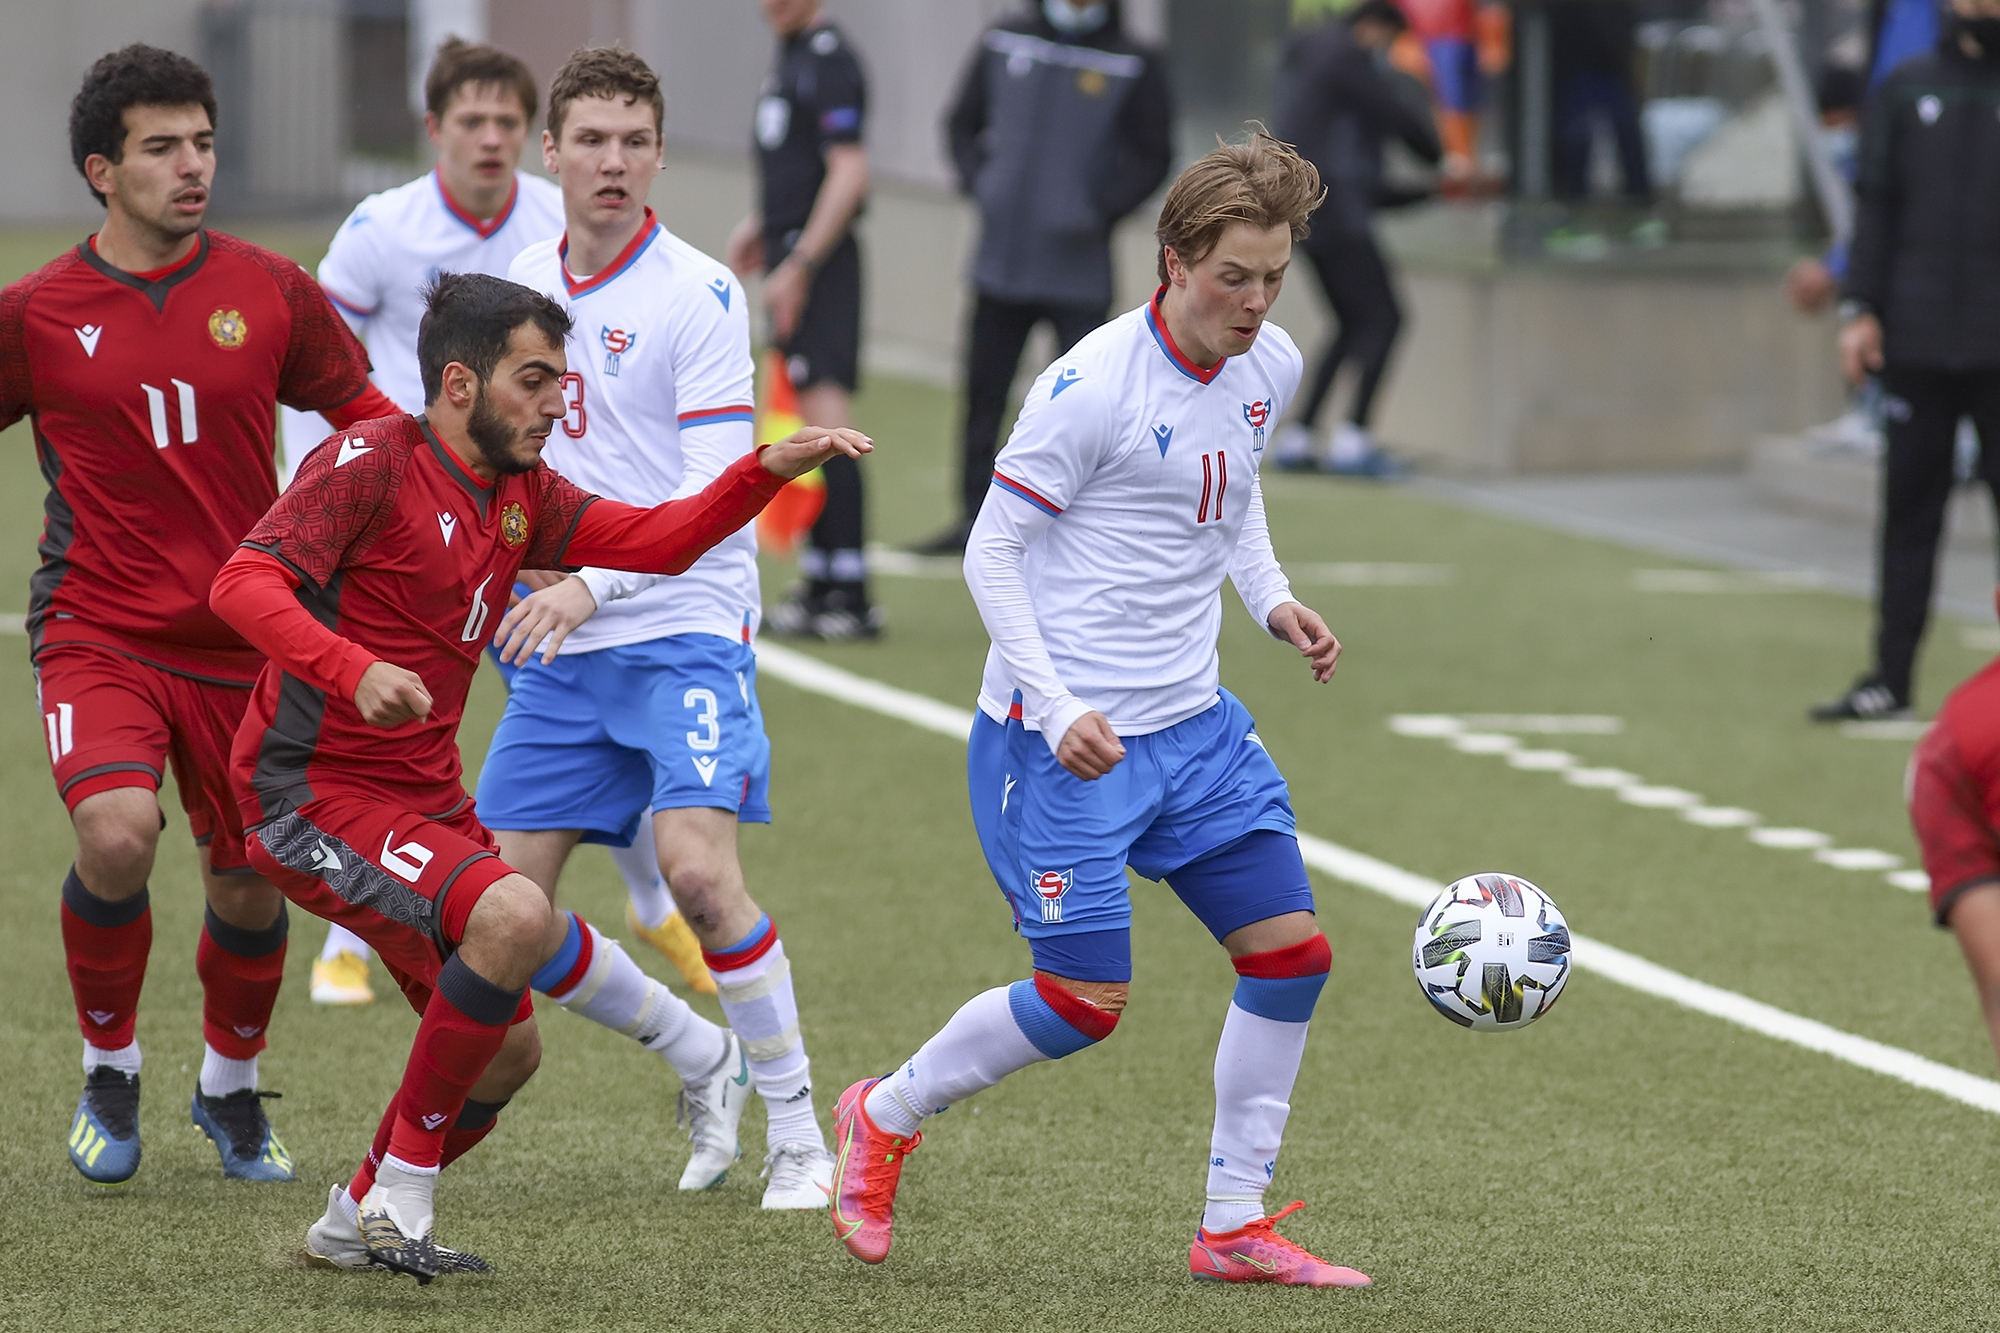 Lukas aftur á U21-landsliðnum